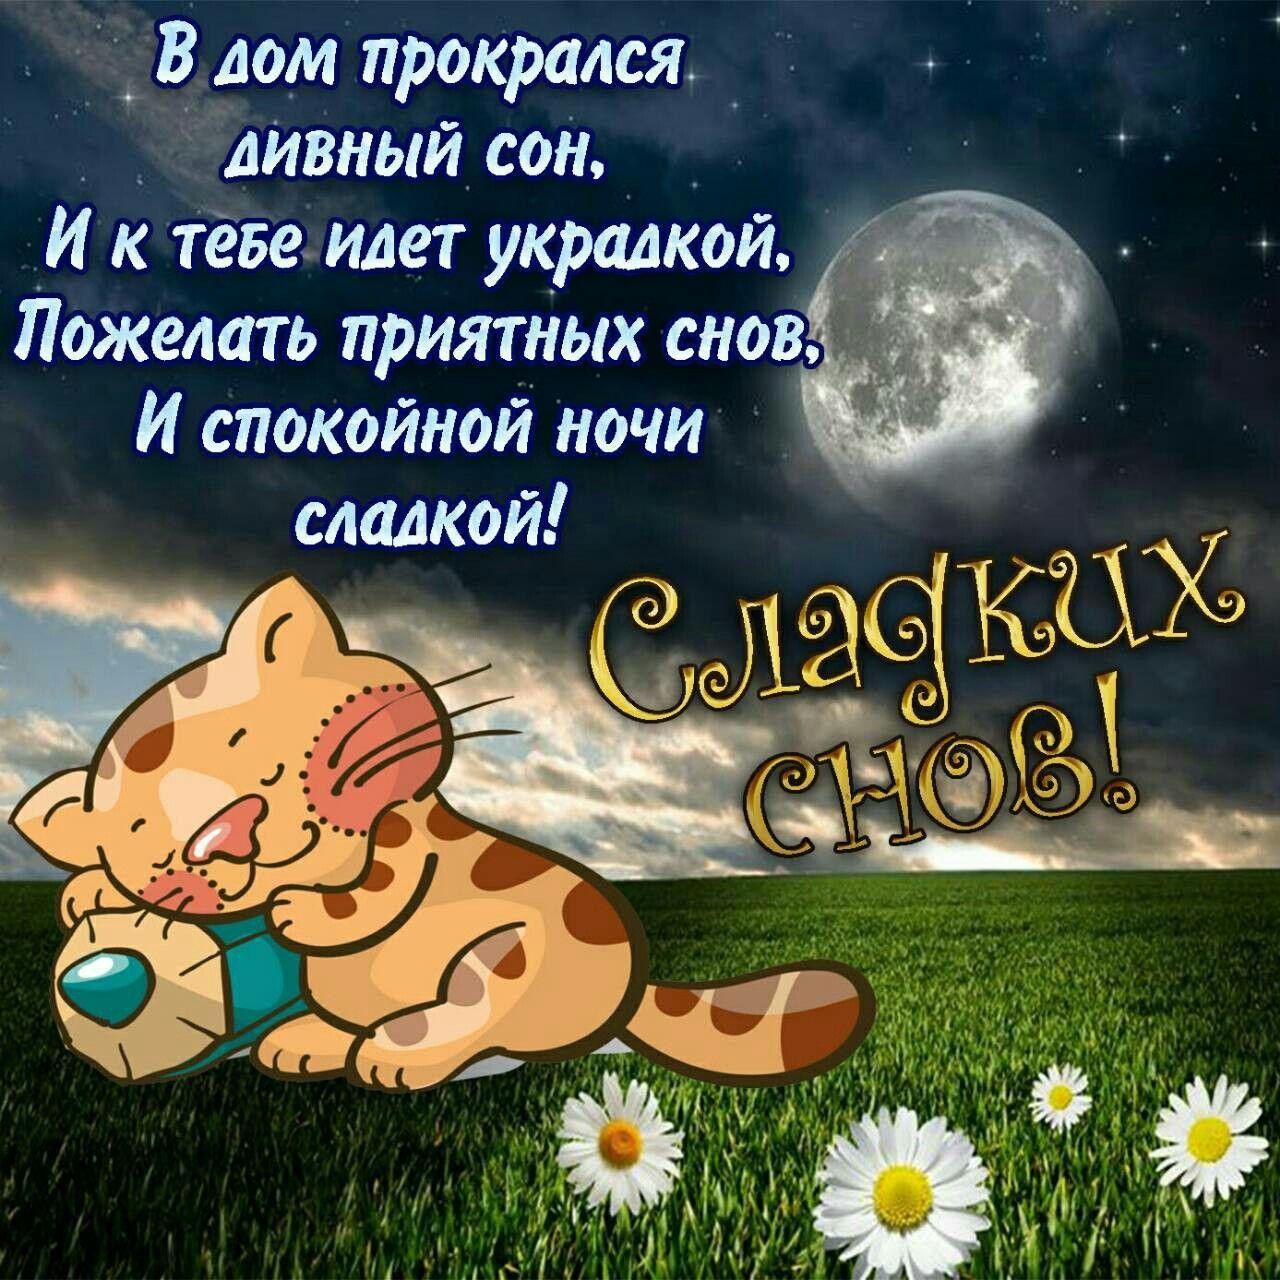 Открытка веселая спокойной ночи